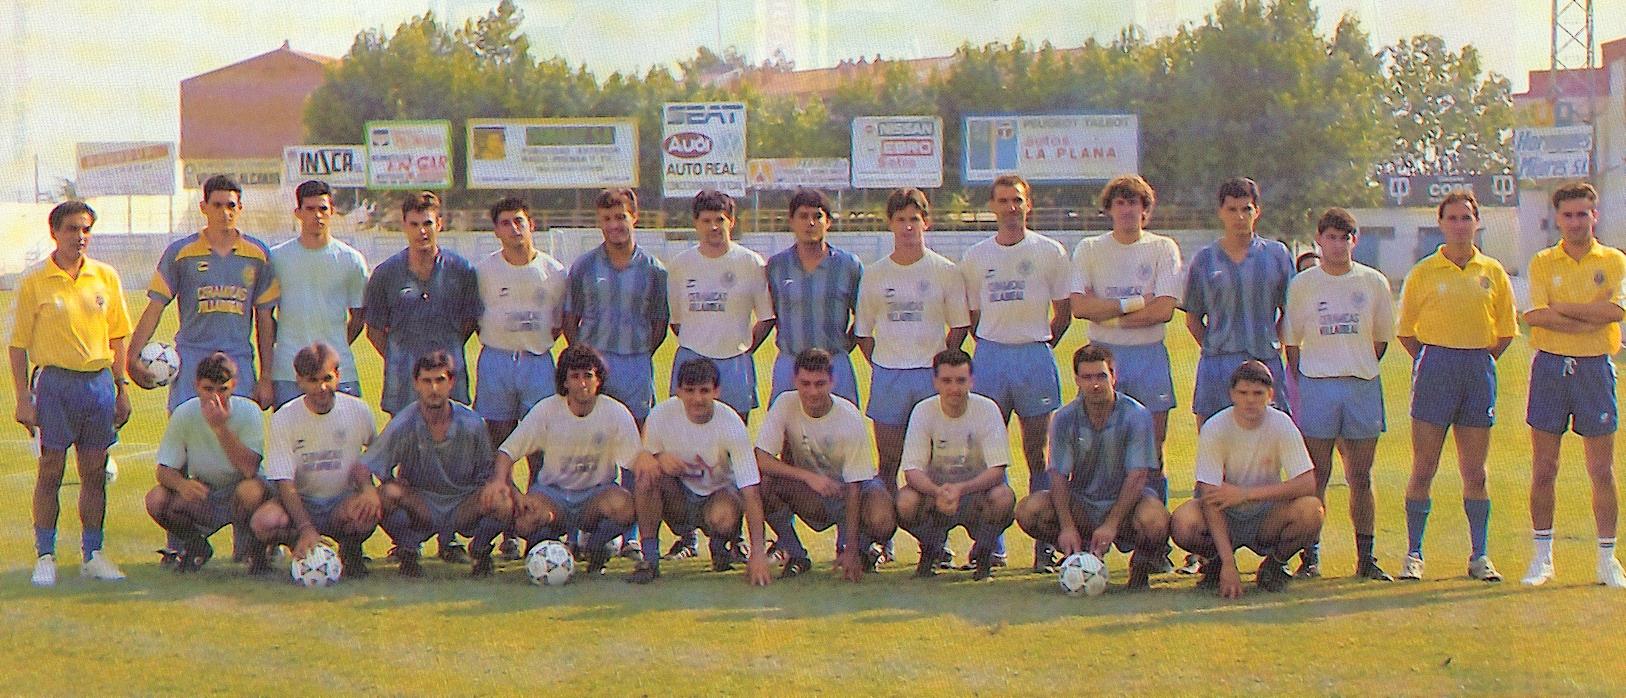 villarreal92 93 - La gran remontada para salvarse (92/93) 1ªparte